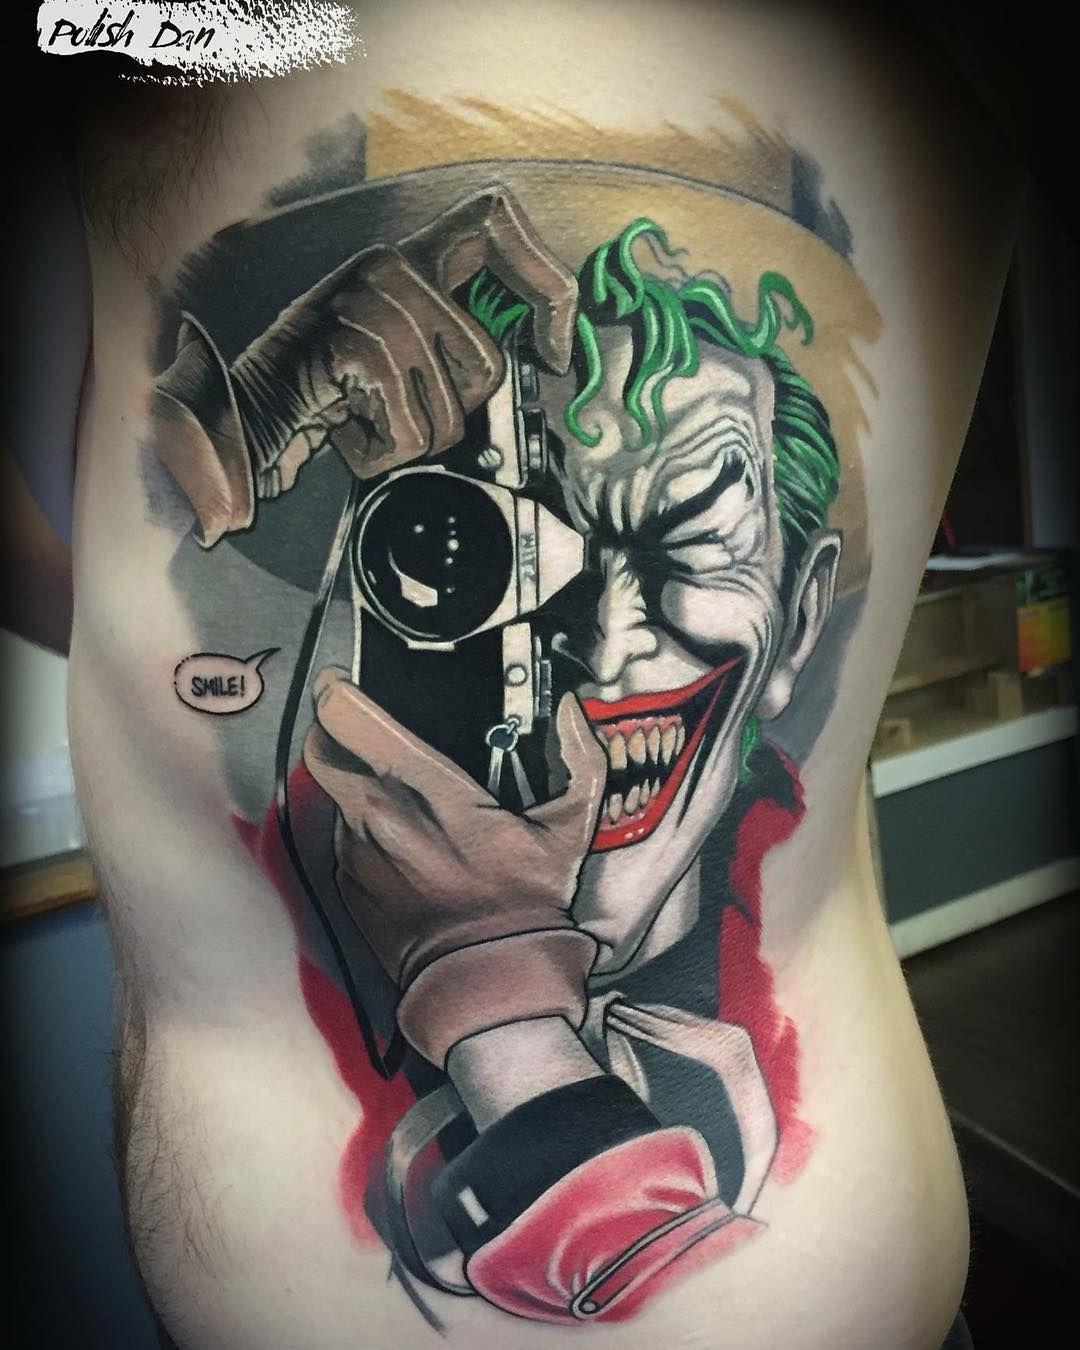 562 Likes 13 Comments Polish Dan Polish Dan Tattoo On Instagram Tattoo Tattooart Realistictattoo Joker Tattoo Joker Tattoo Design Joker Card Tattoo